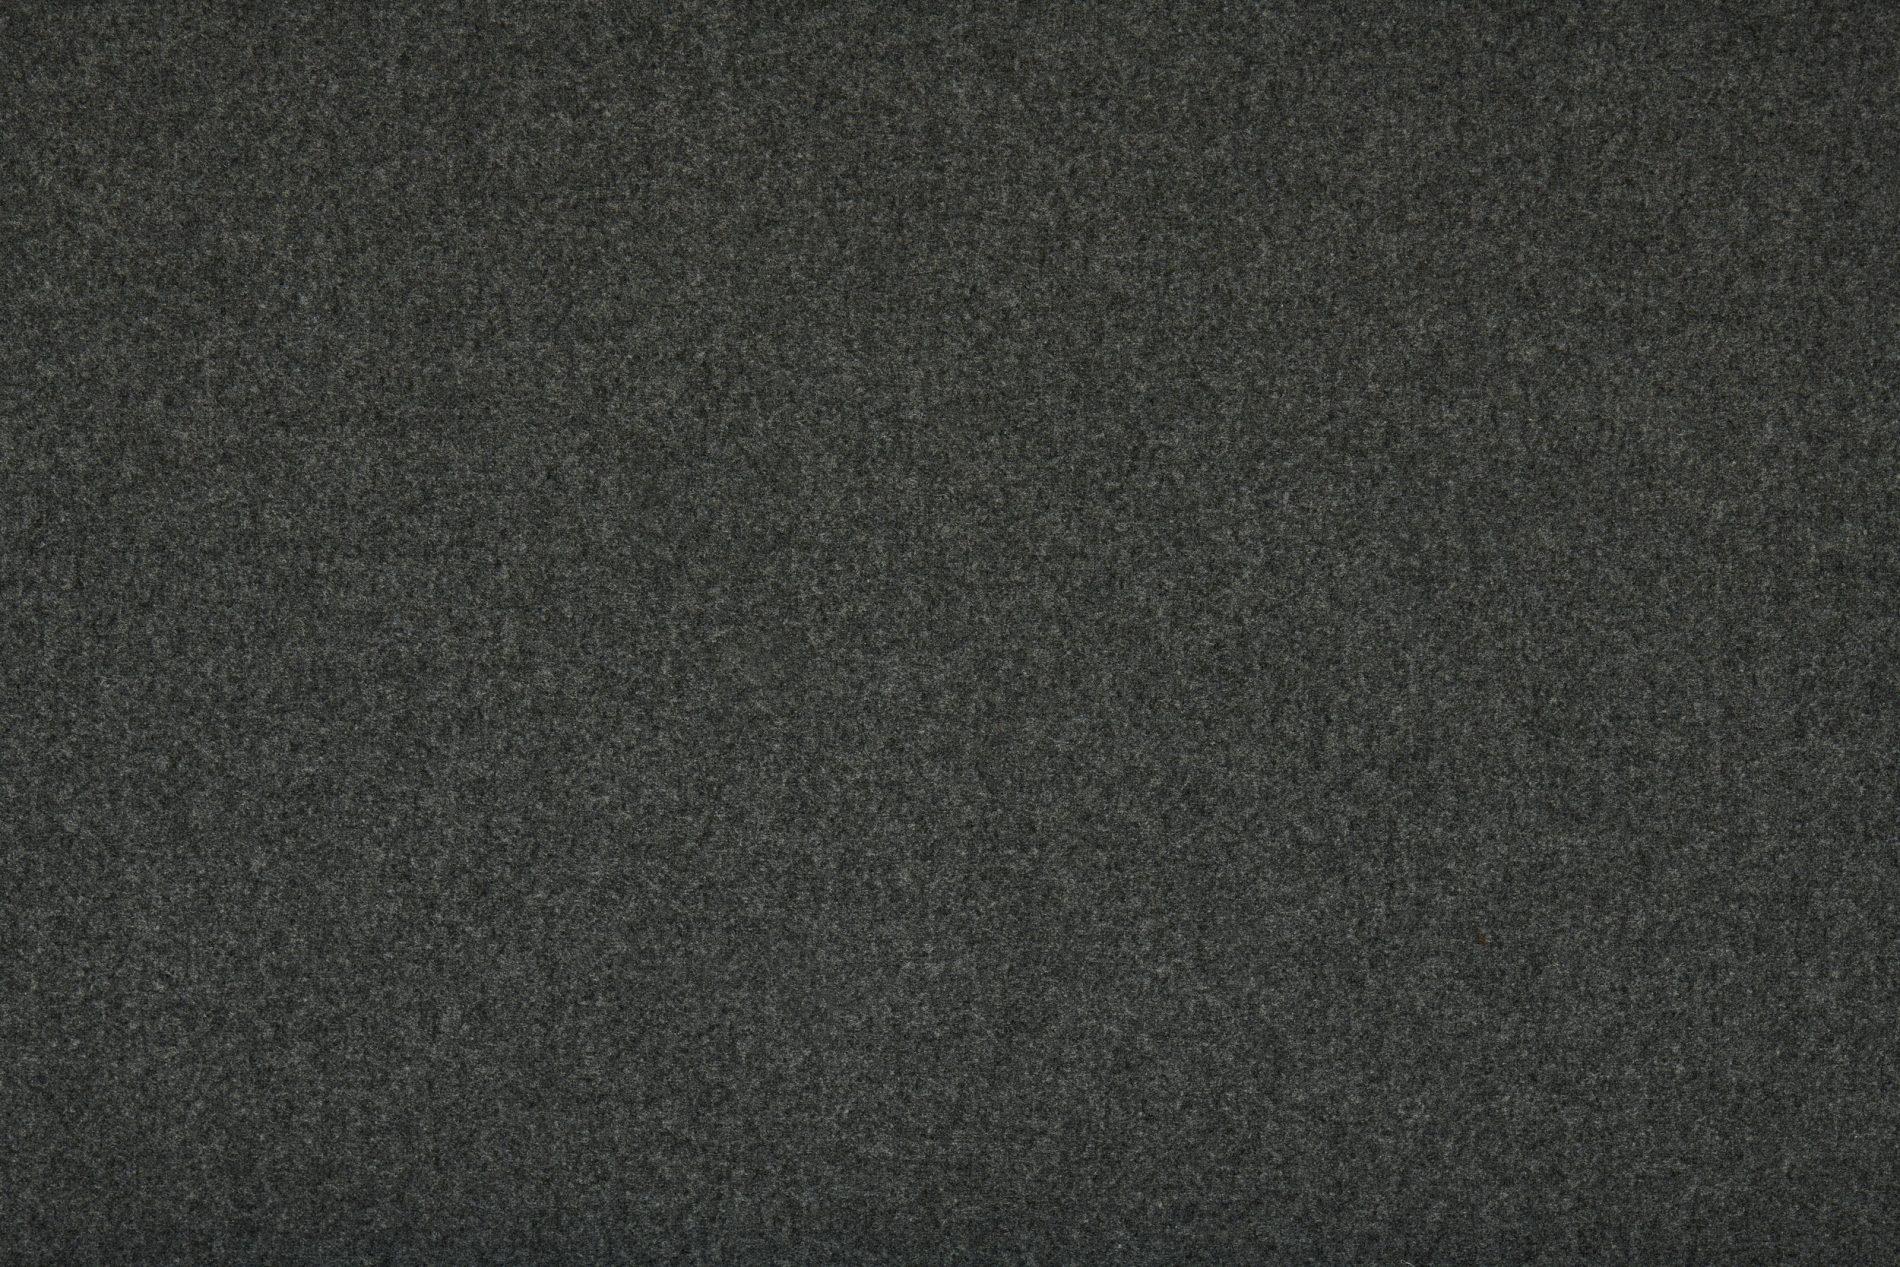 PURE 540 Plain Merino wool (16/3016)